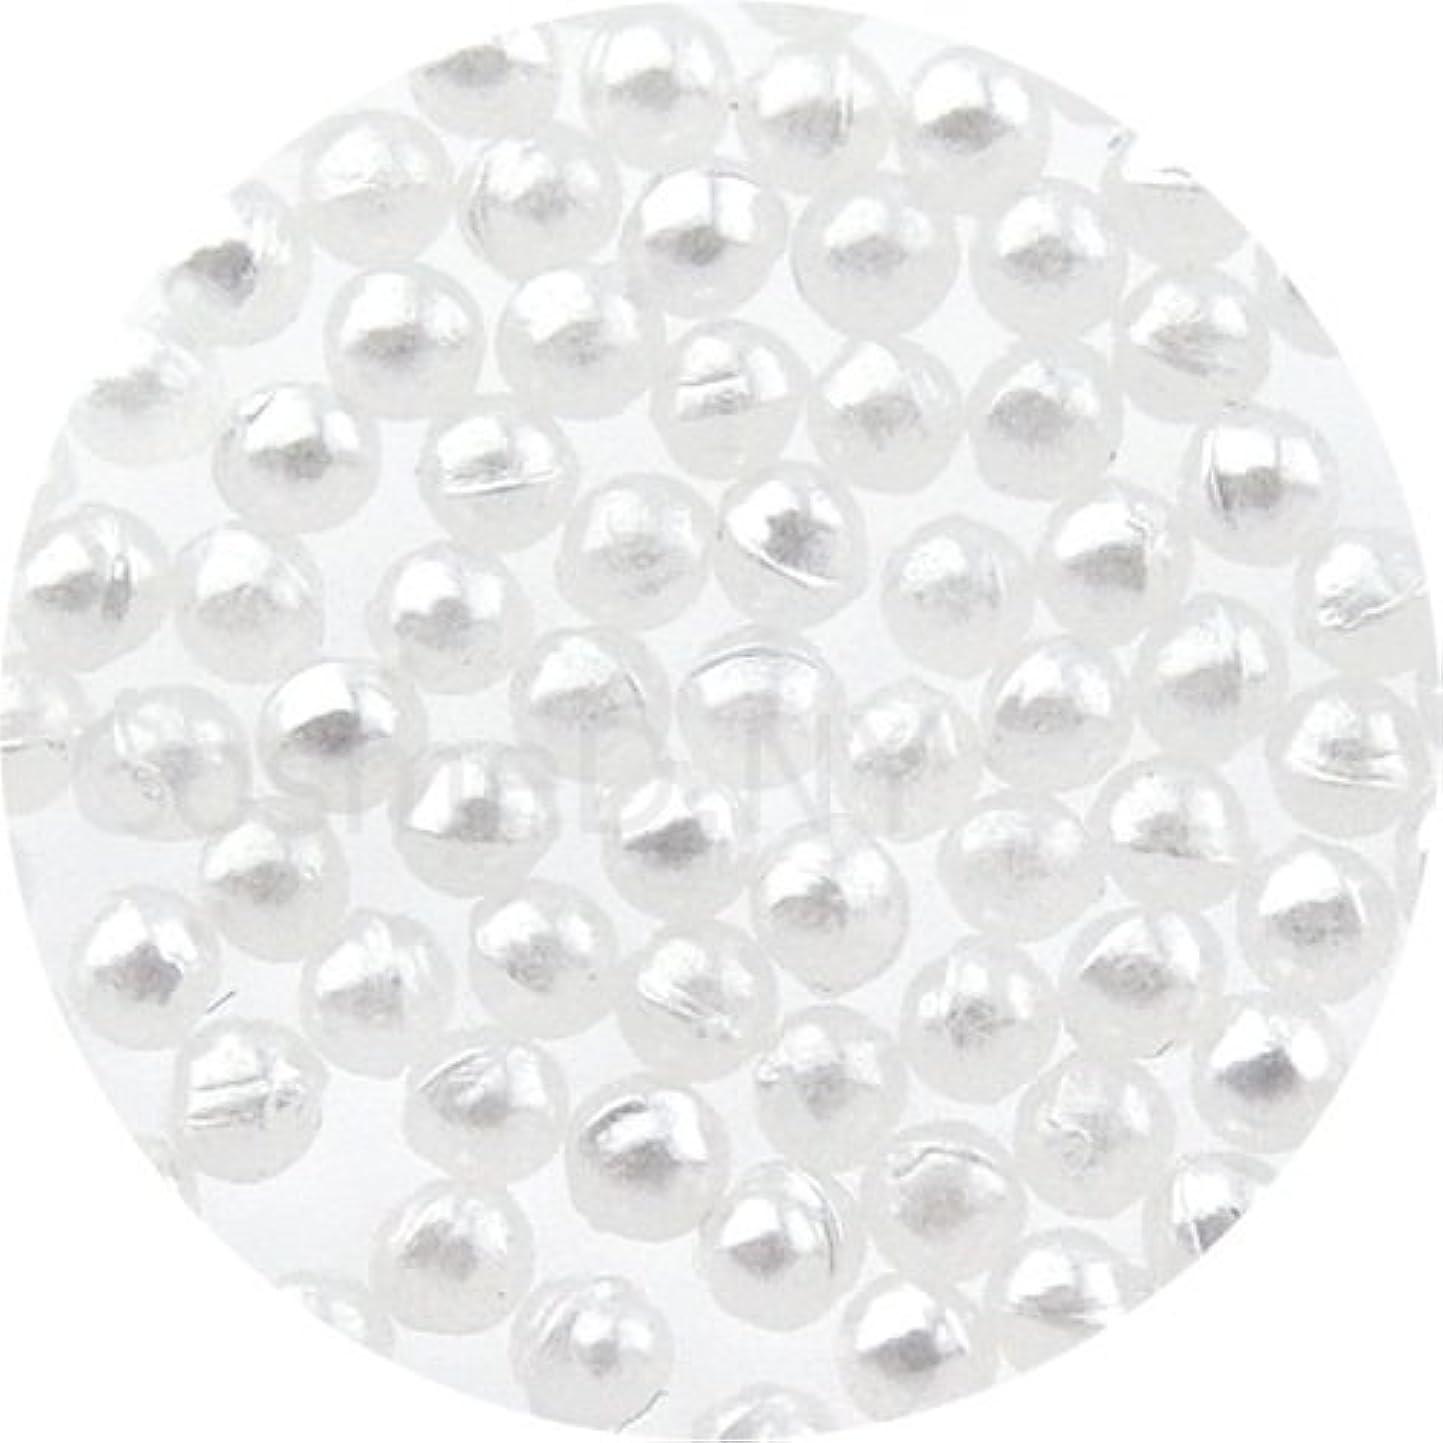 流行している化学未使用パールストーン球1.5mmホワイト